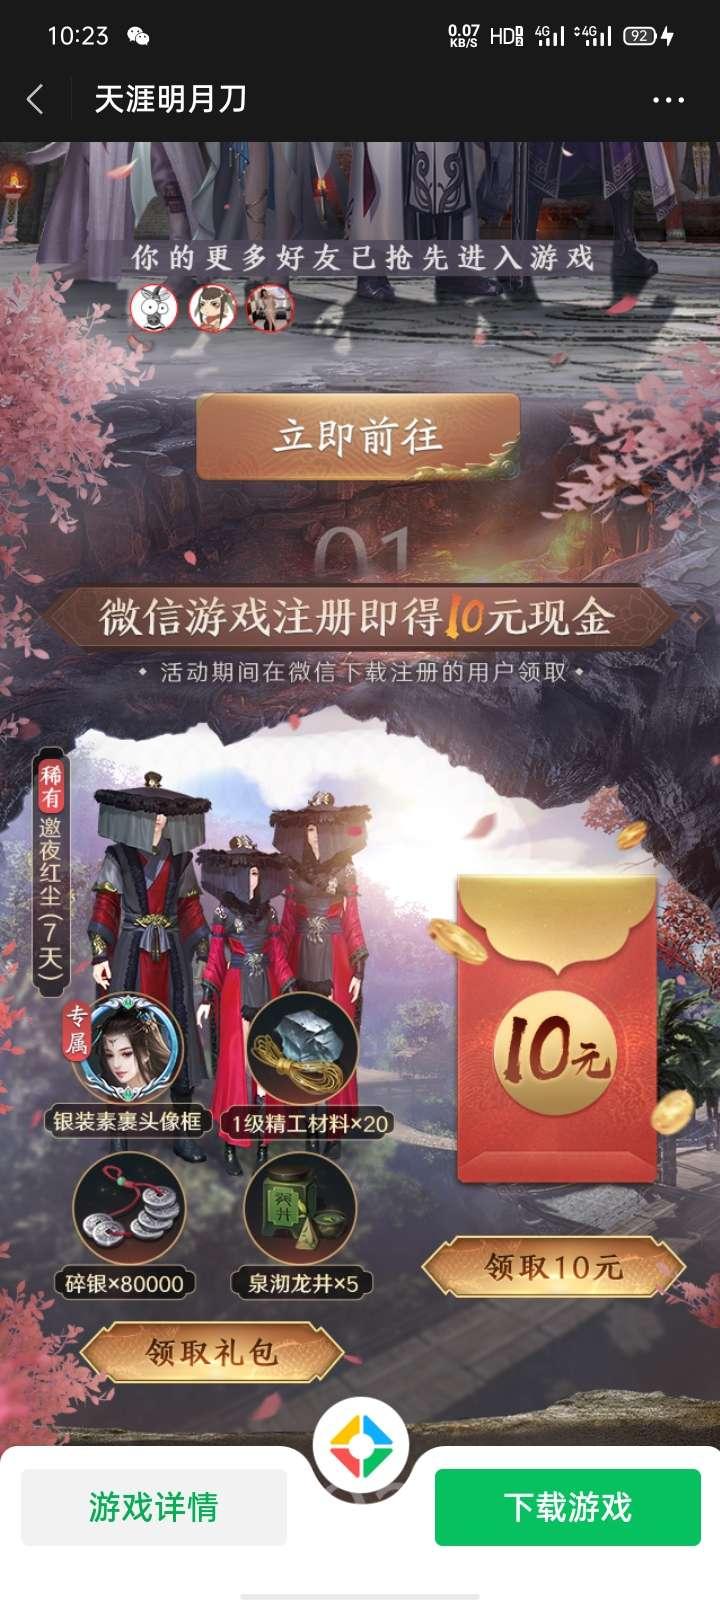 图片[1]-天涯明月刀下载领红包(新)-飞享资源网